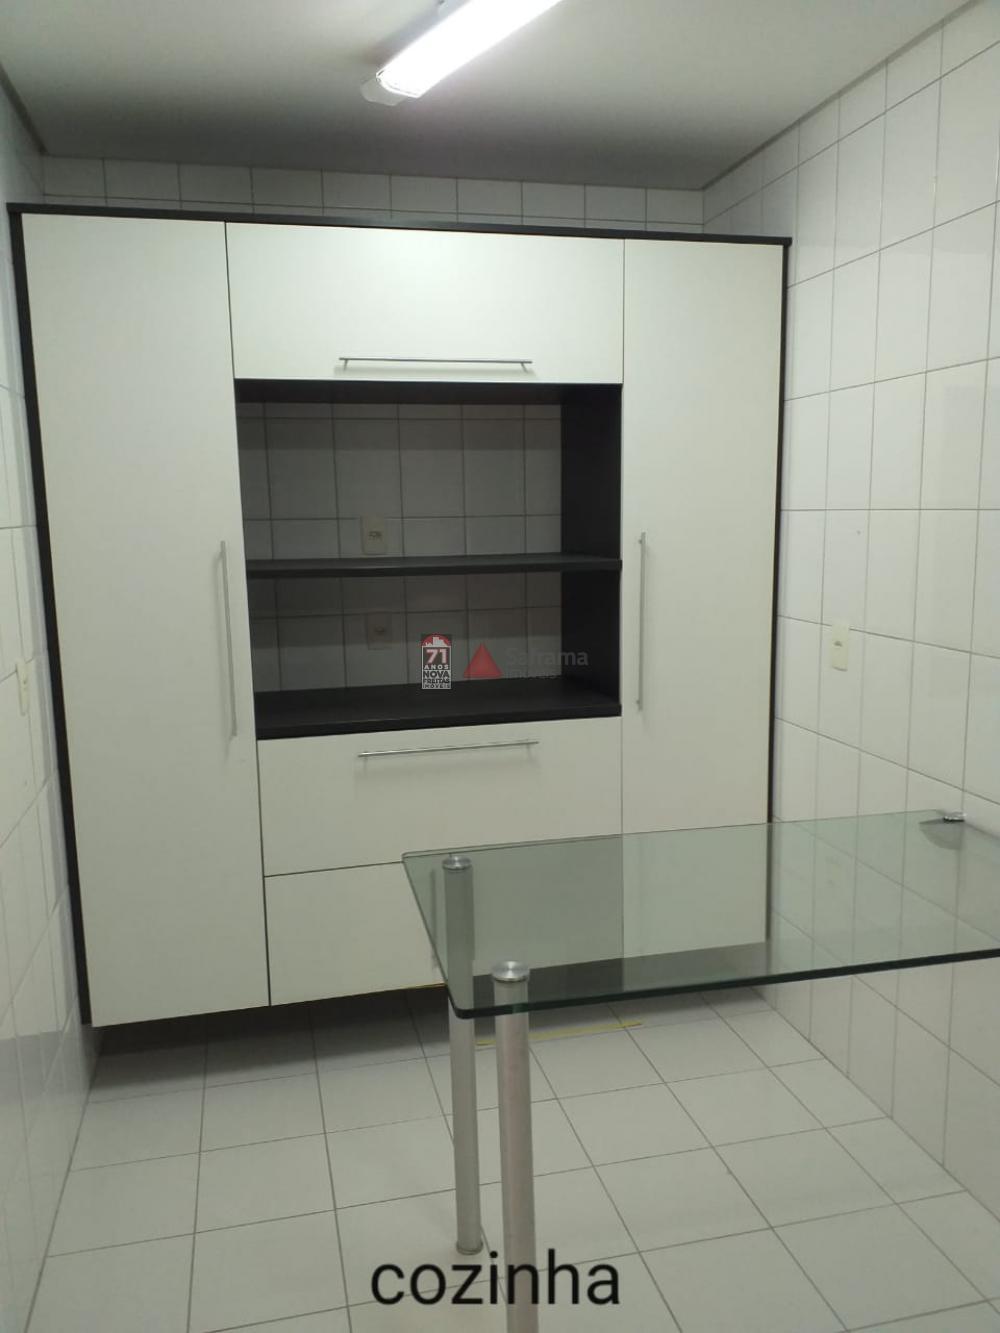 Comprar Apartamento / Padrão em São José dos Campos apenas R$ 550.000,00 - Foto 6